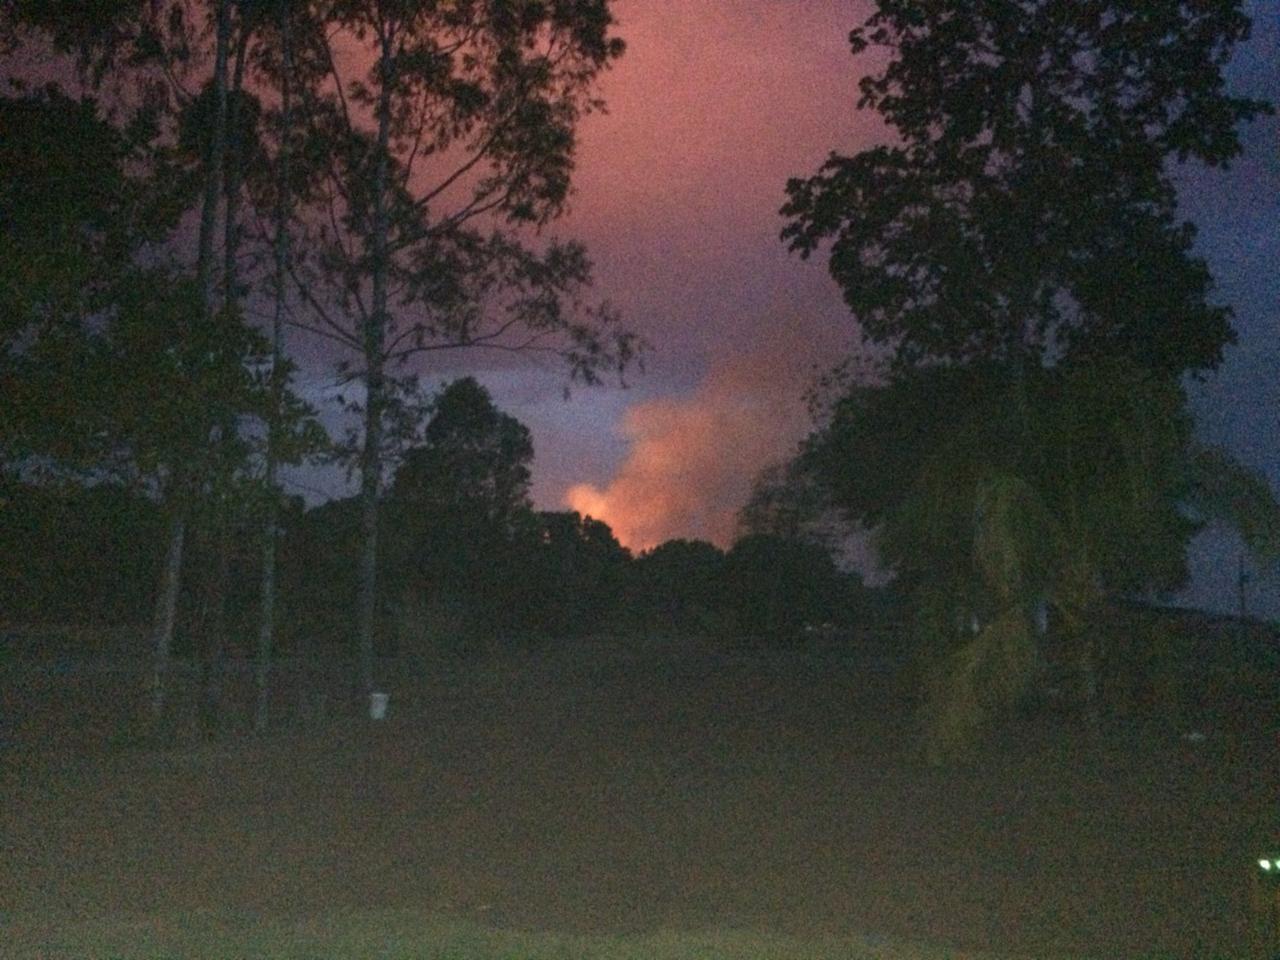 Incêndio em Porto Nacional (TO). Foto enviada por Dari Fronza